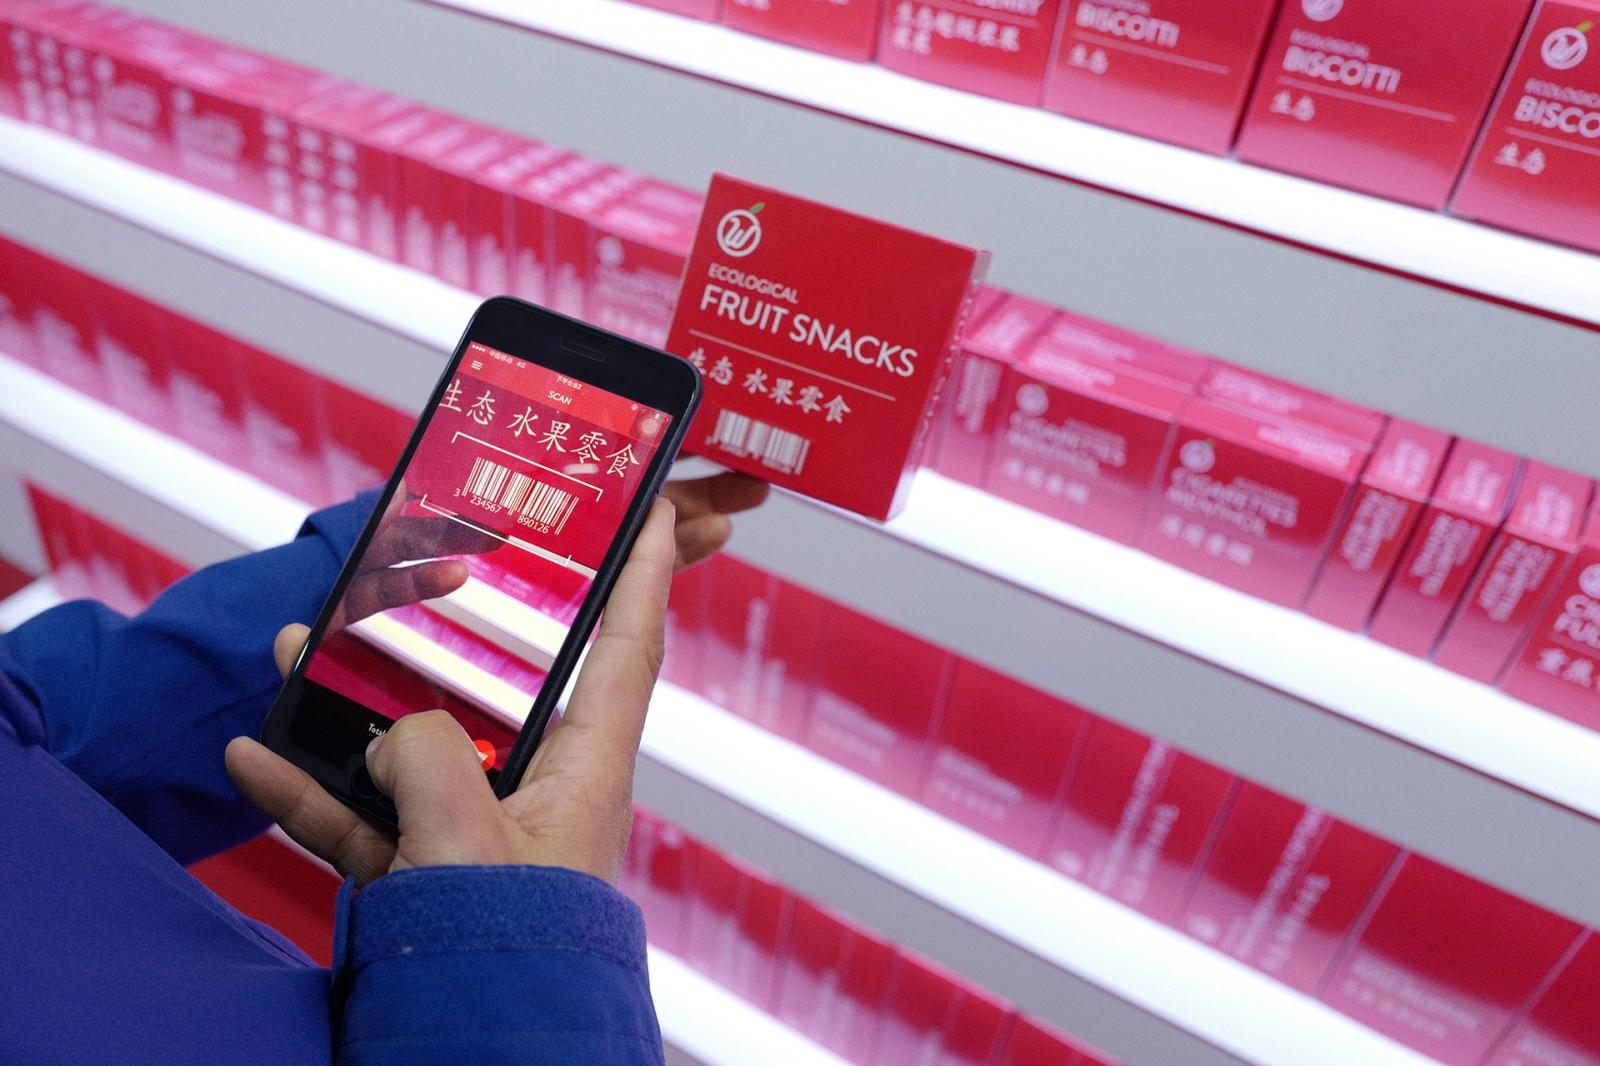 В Китае открылся круглосуточный магазин без обслуживающего персонала - 3